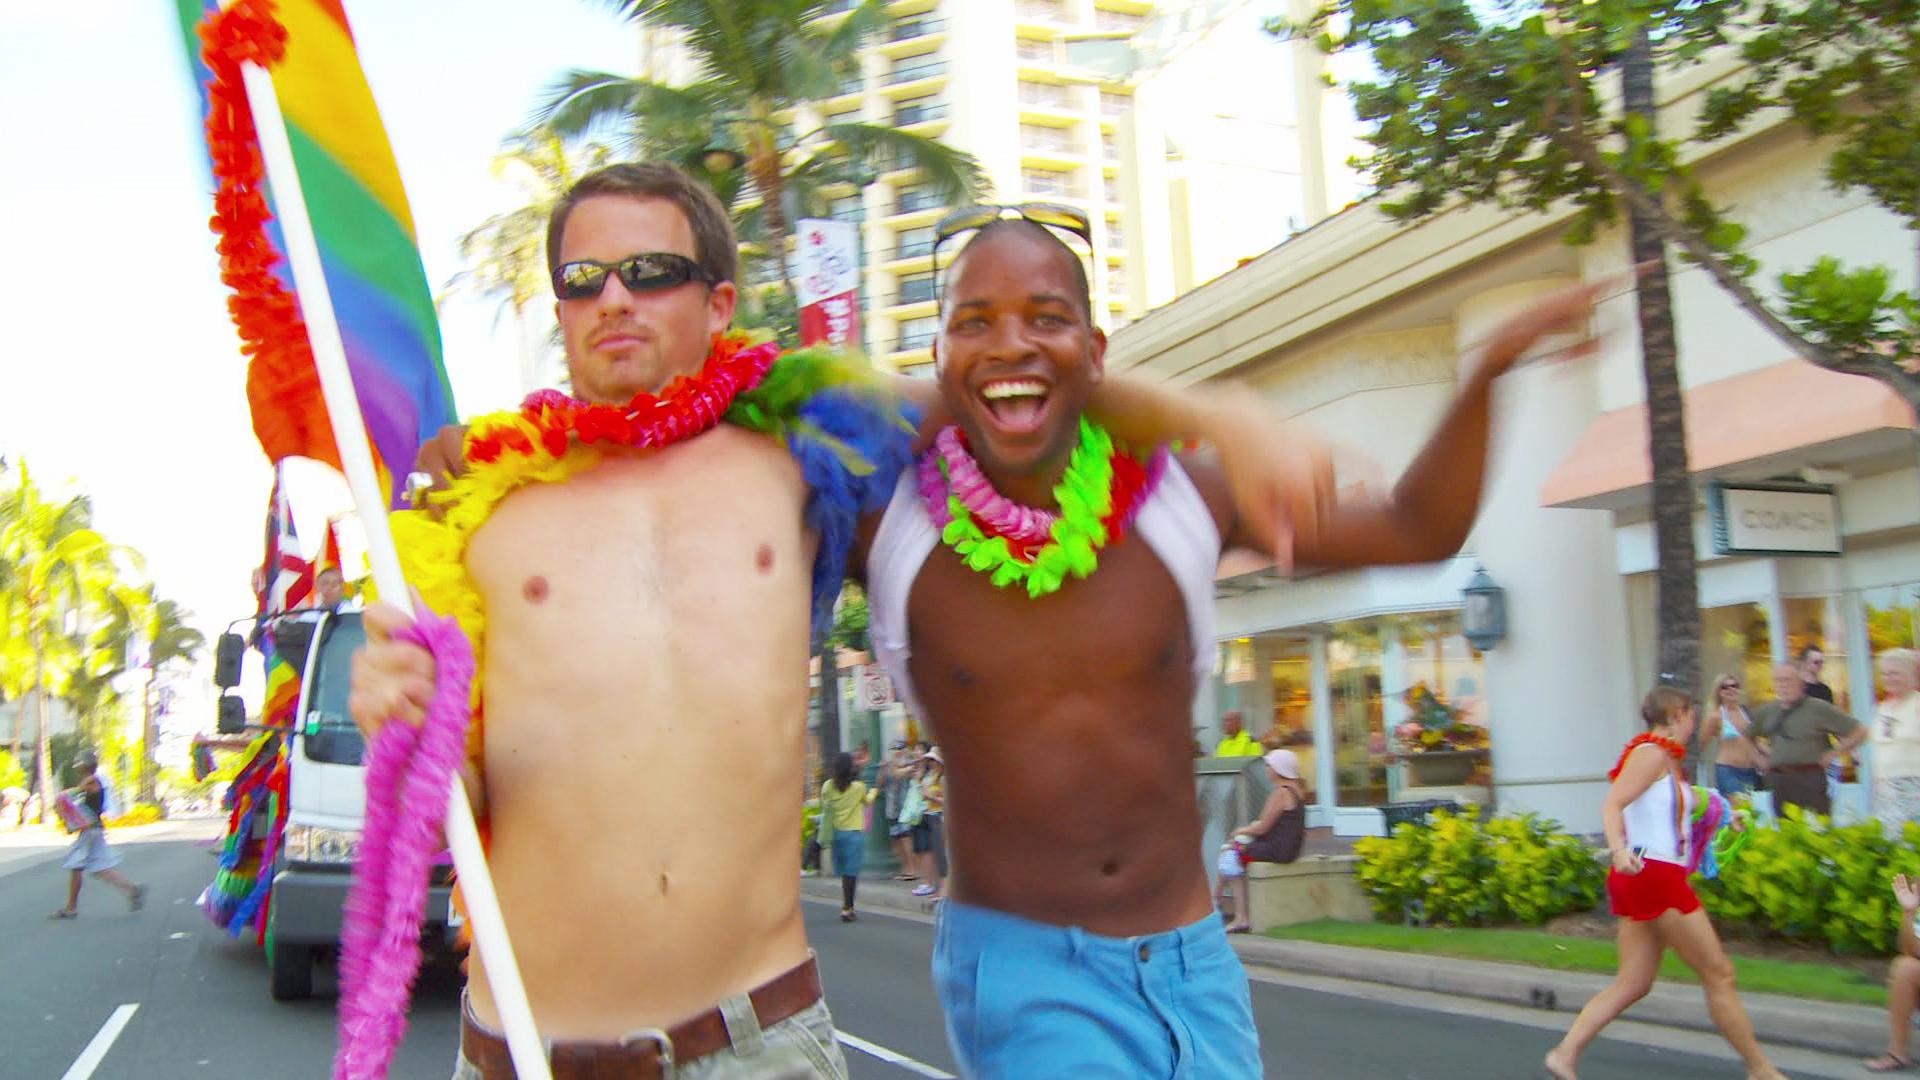 Gay pride in awaii